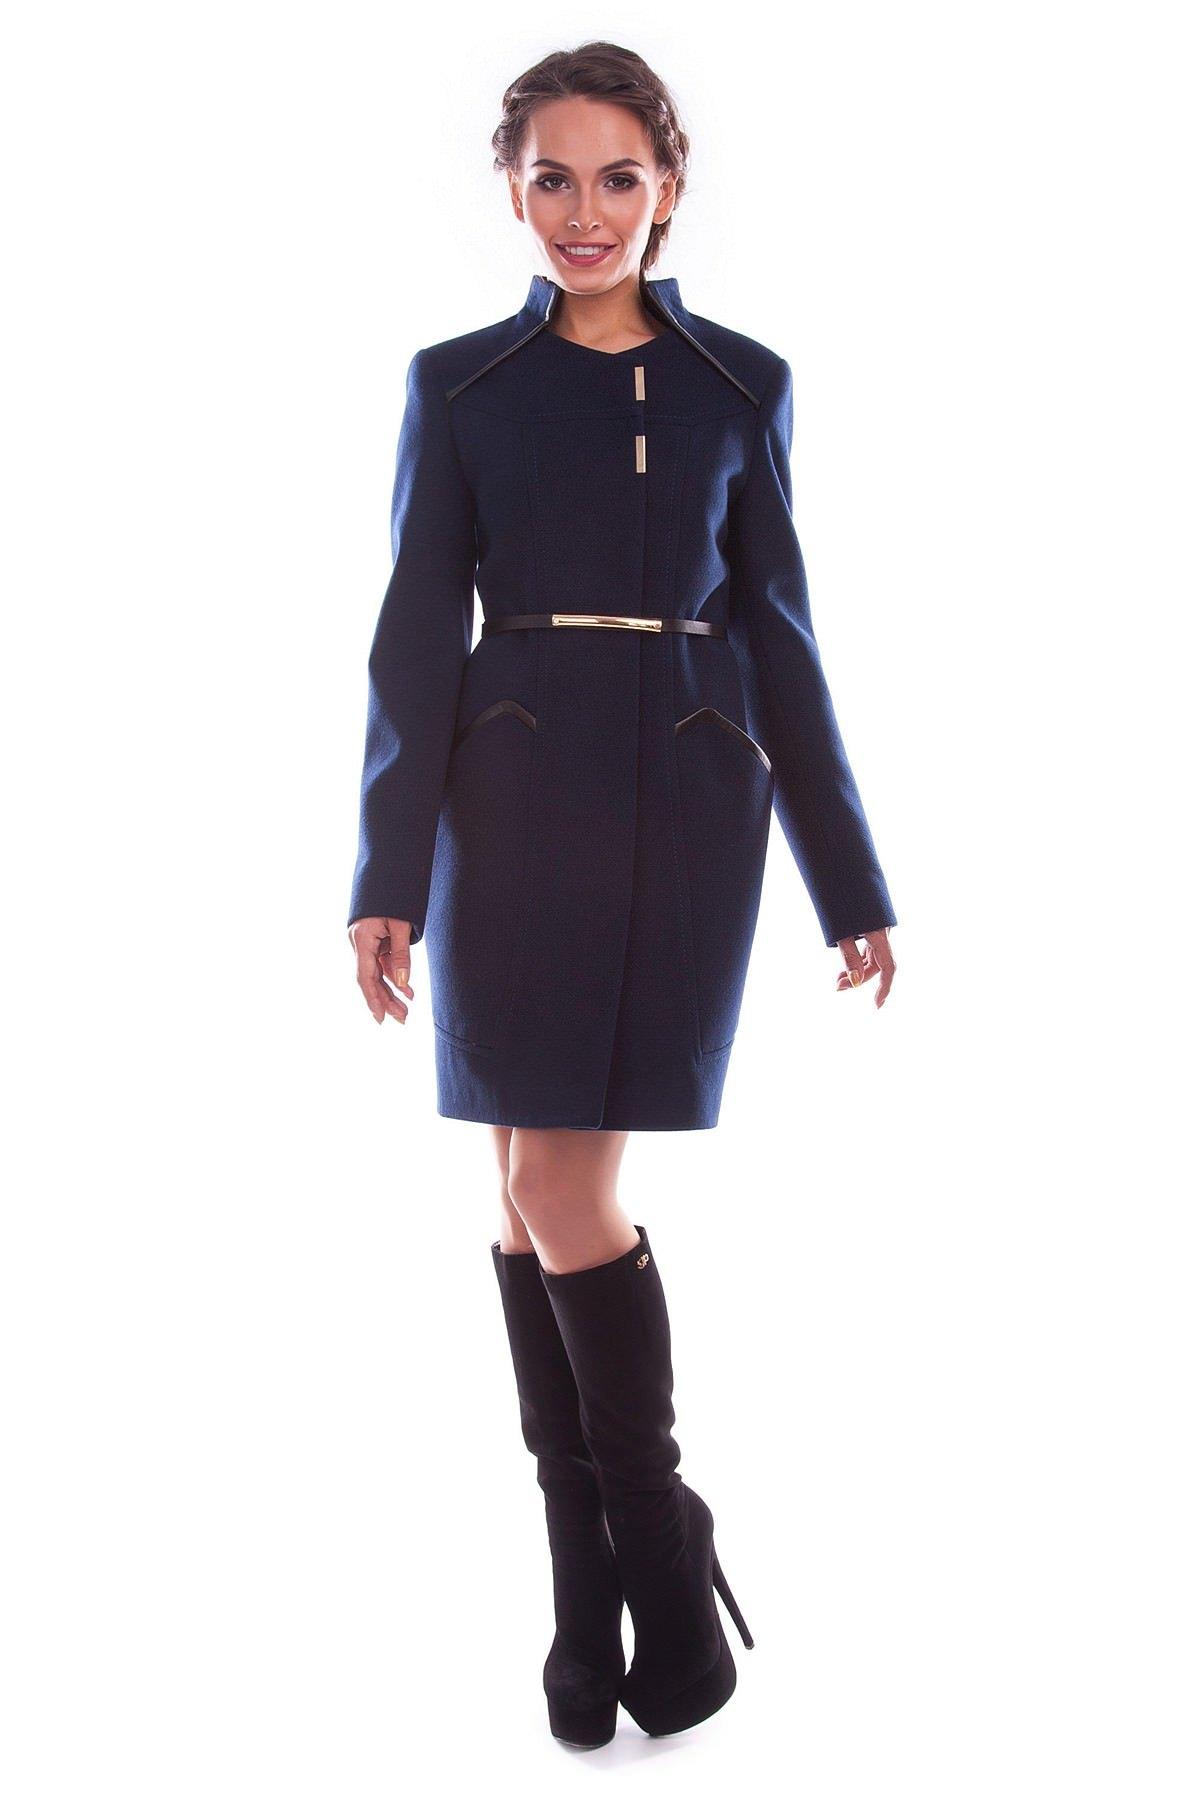 Купить пальто демисезонное женское в интернет выкройка платья а силуэта с рукавом